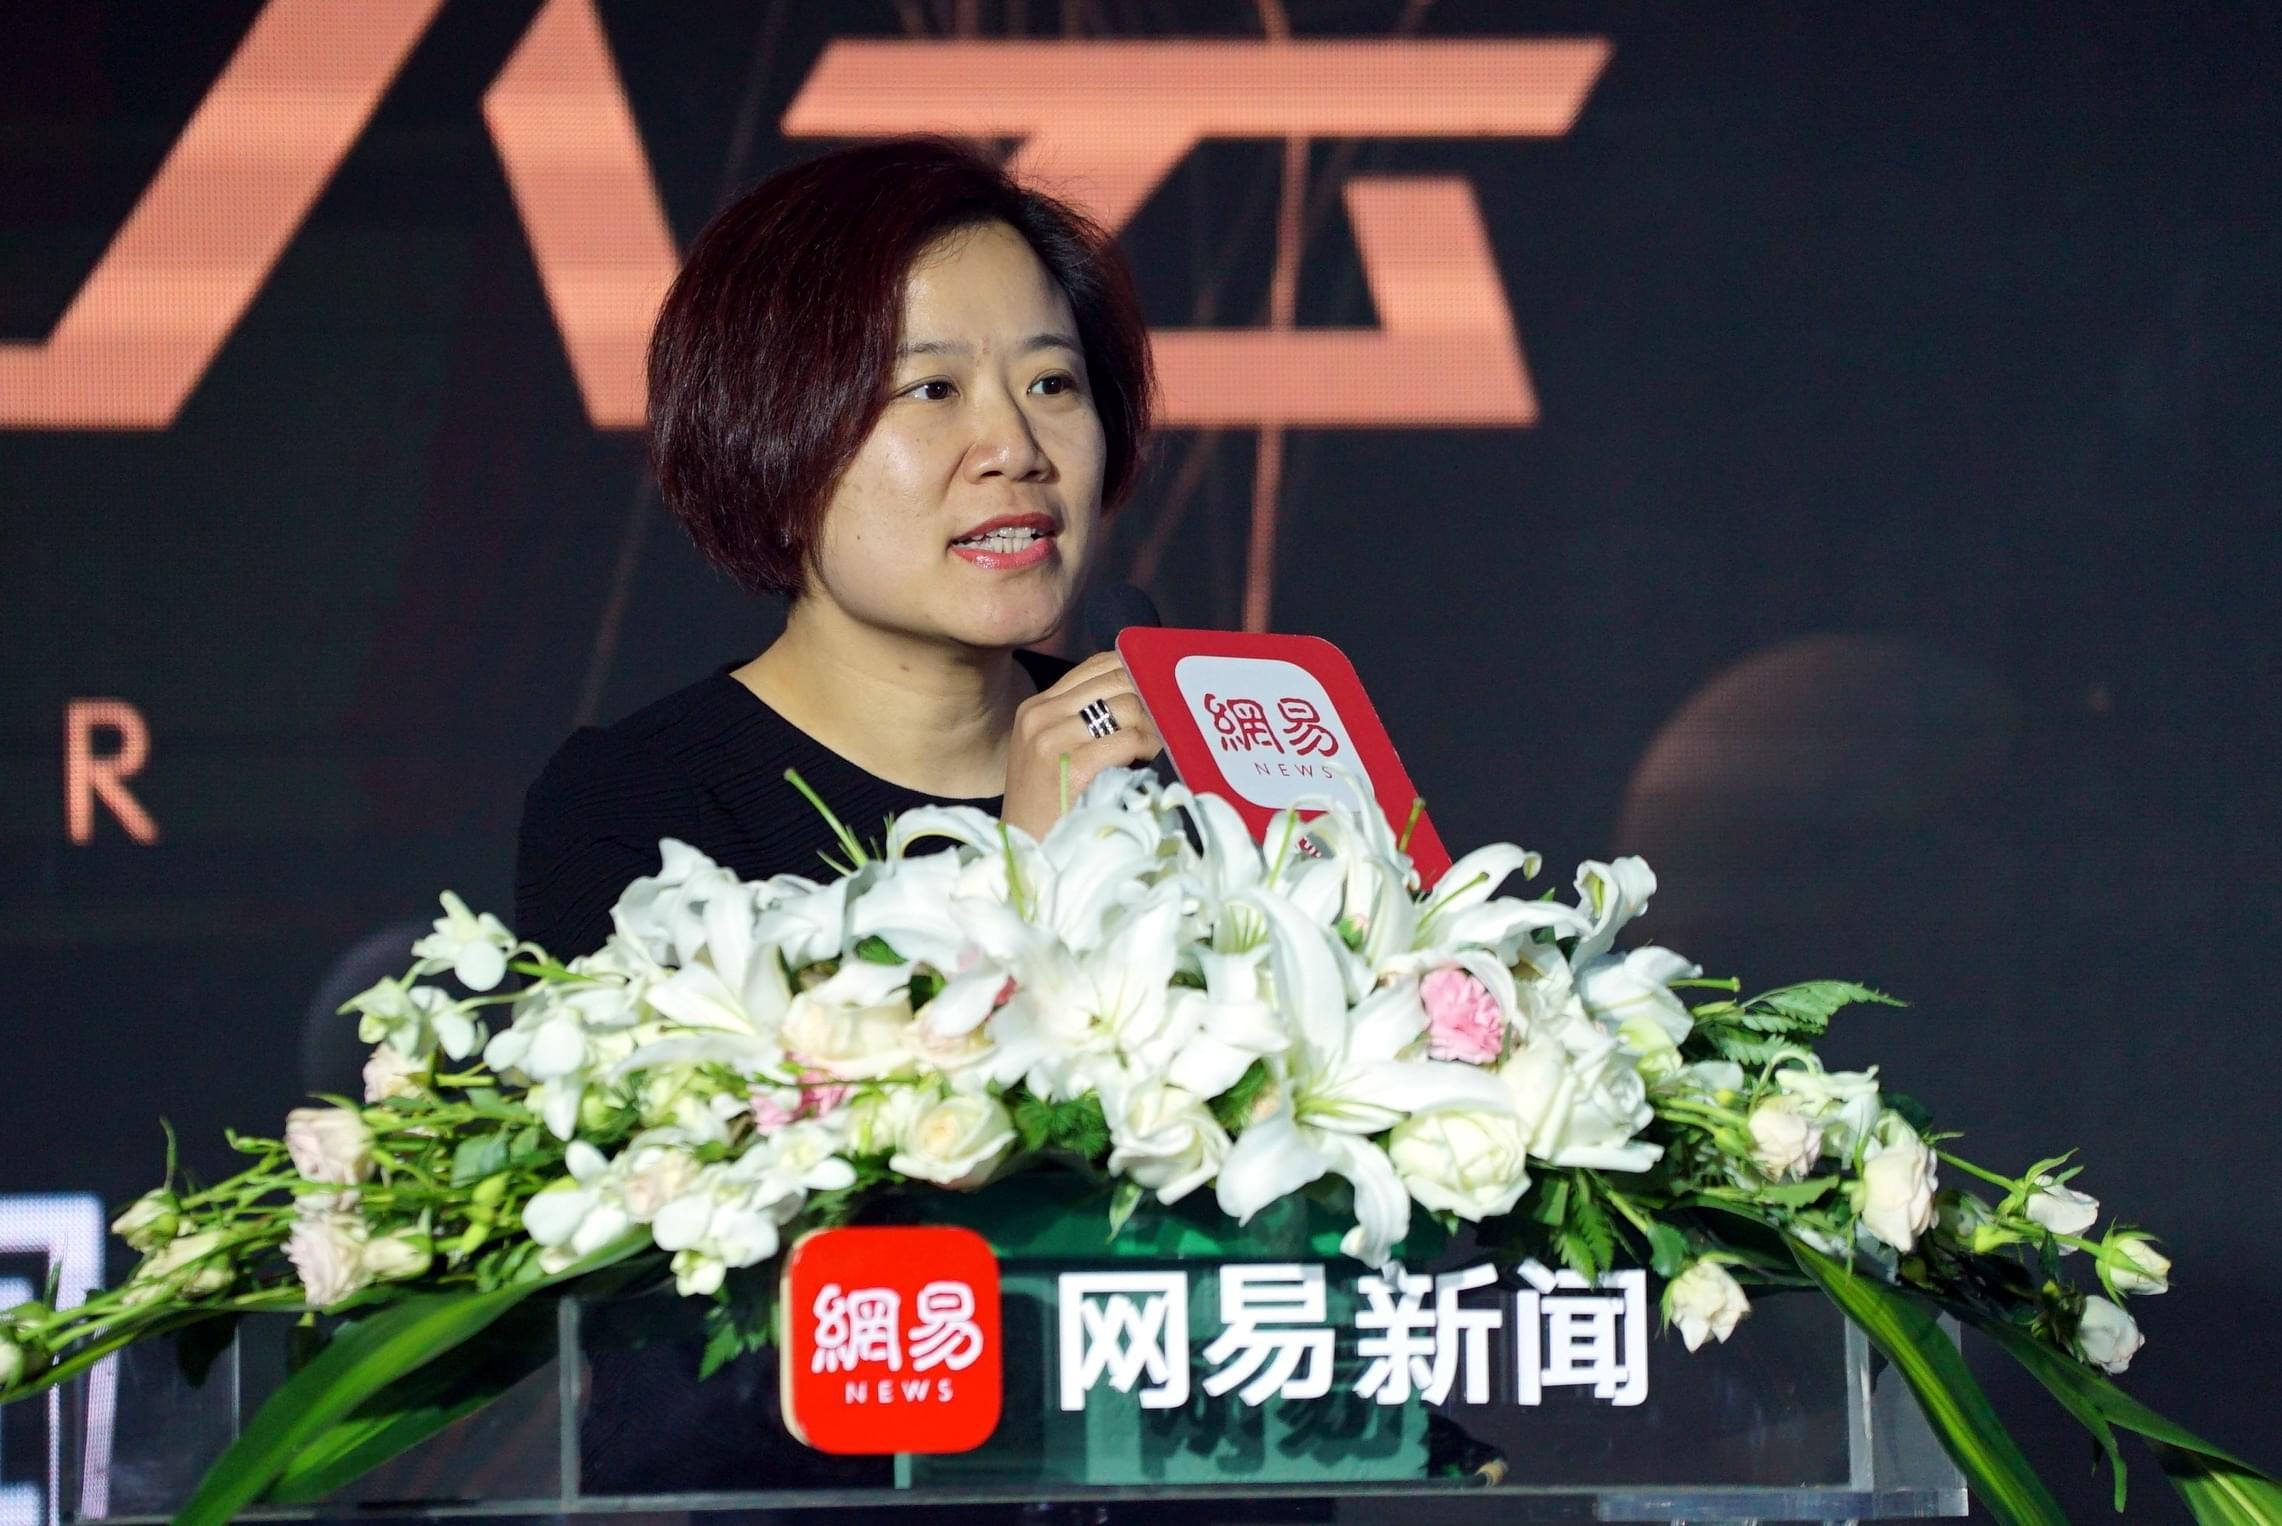 网易传媒CEO李黎:将推出媒体合伙人2.0计划